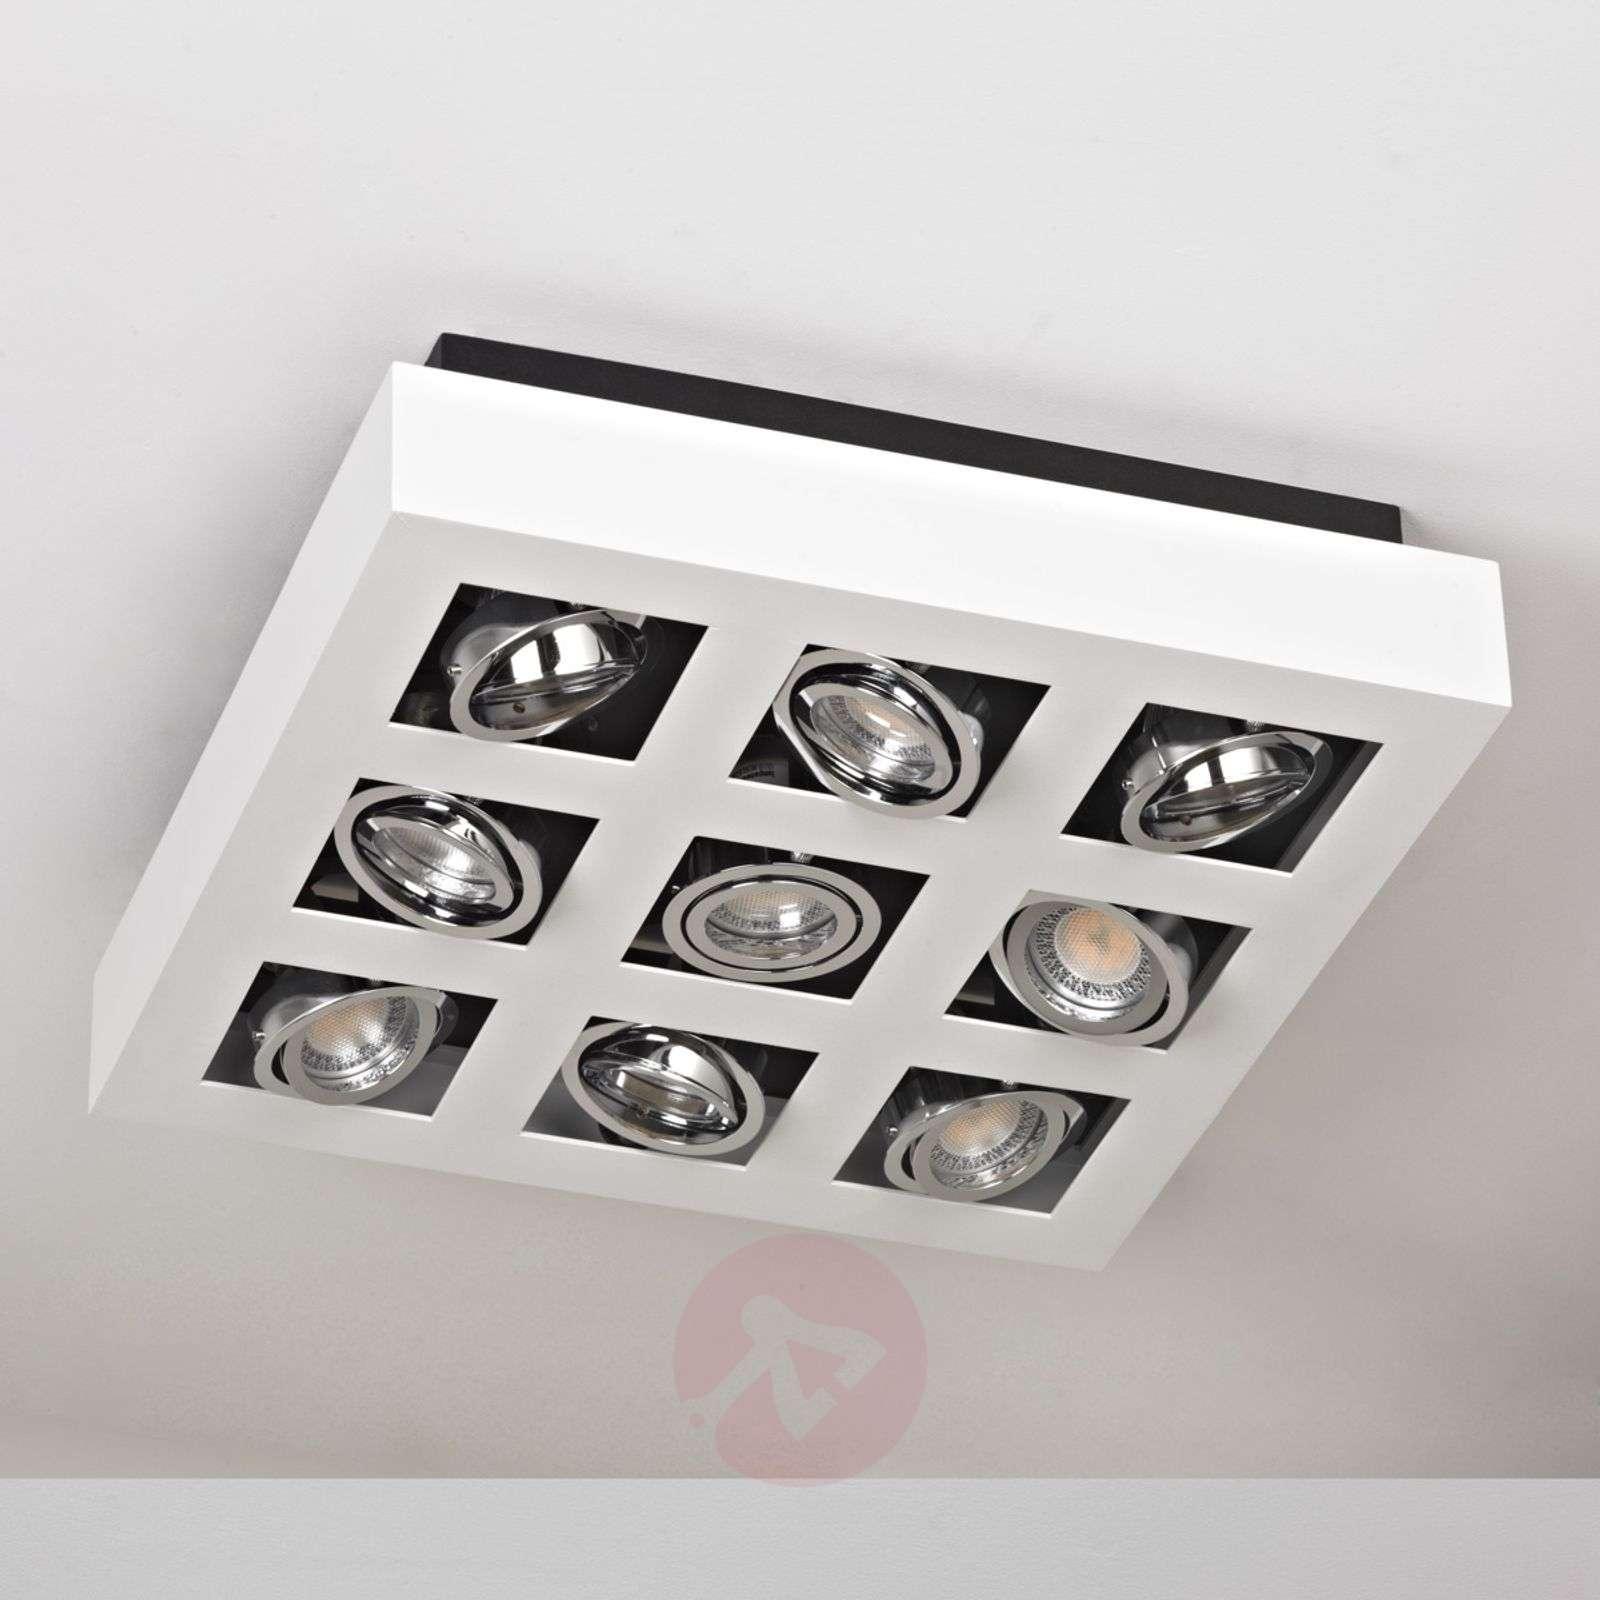 Kirkas Vince LED-kattovalaisin, 9-lamppuinen-9620463-01